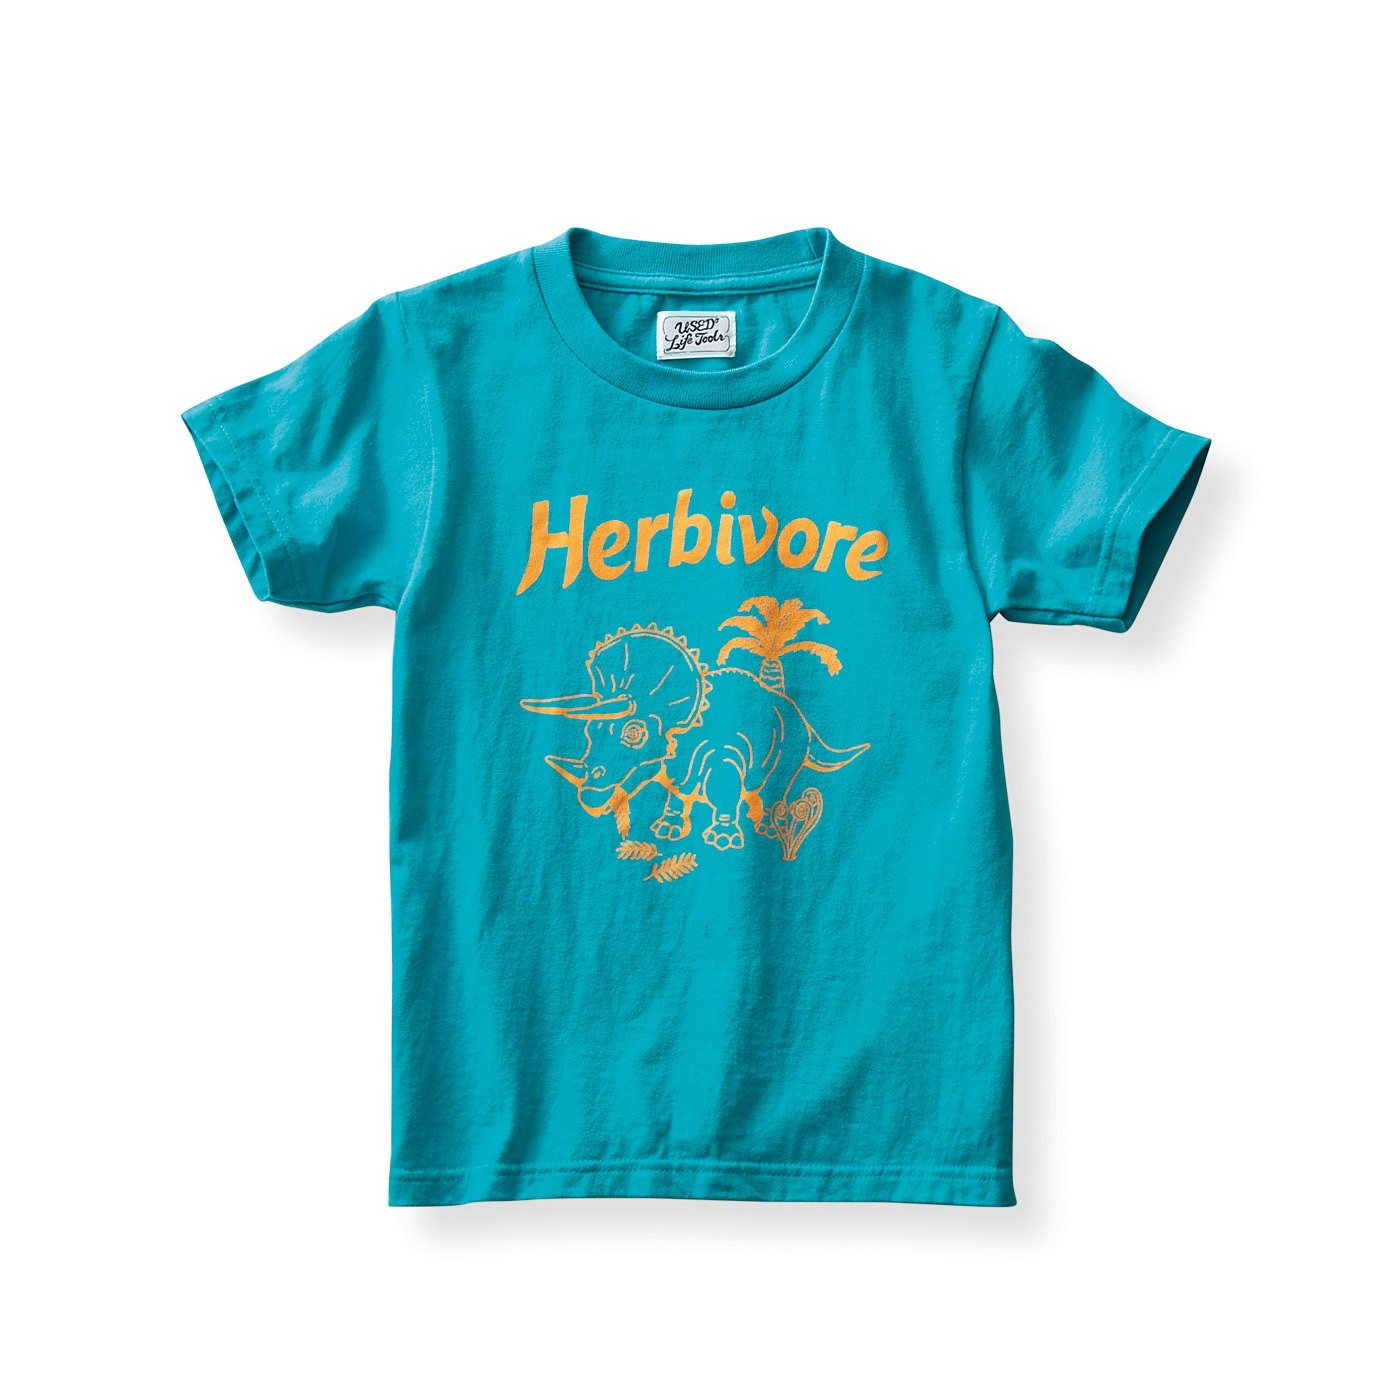 古着屋さんで見つけたような恐竜柄Tシャツ〈キッズ〉〈Herbivore 草食動物〉